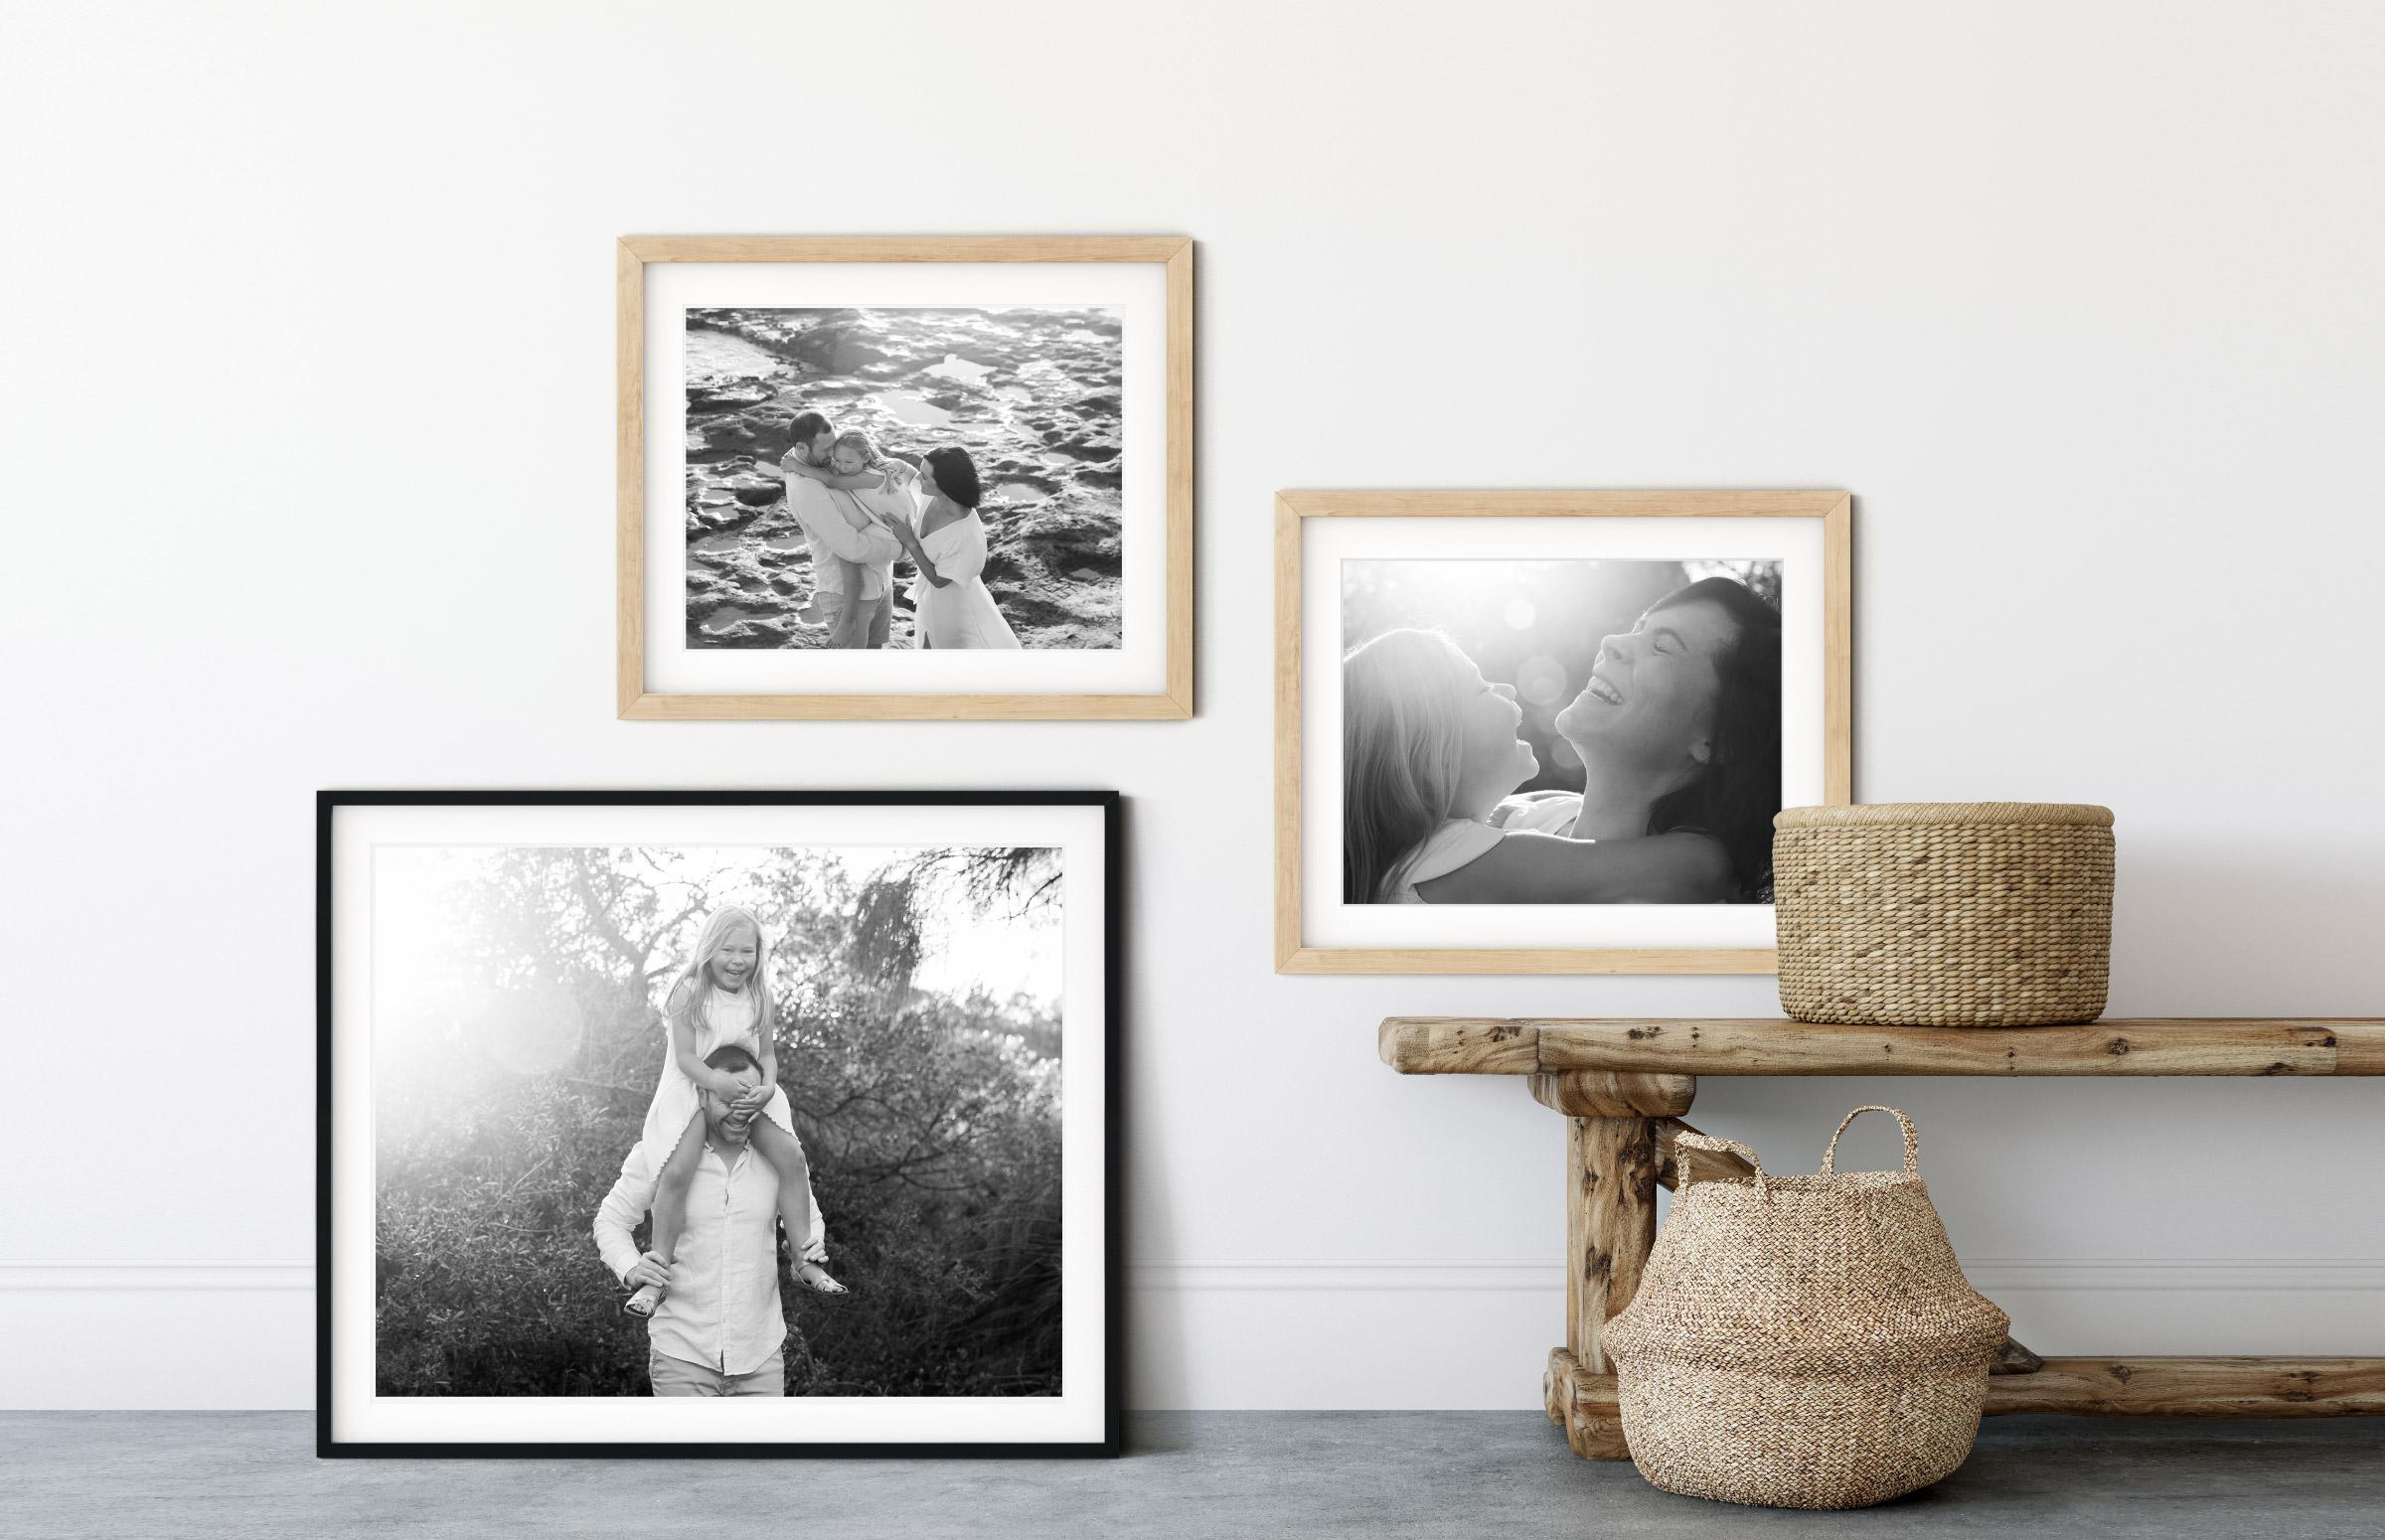 muka-lifestyle-family-portrait-photography-bayside